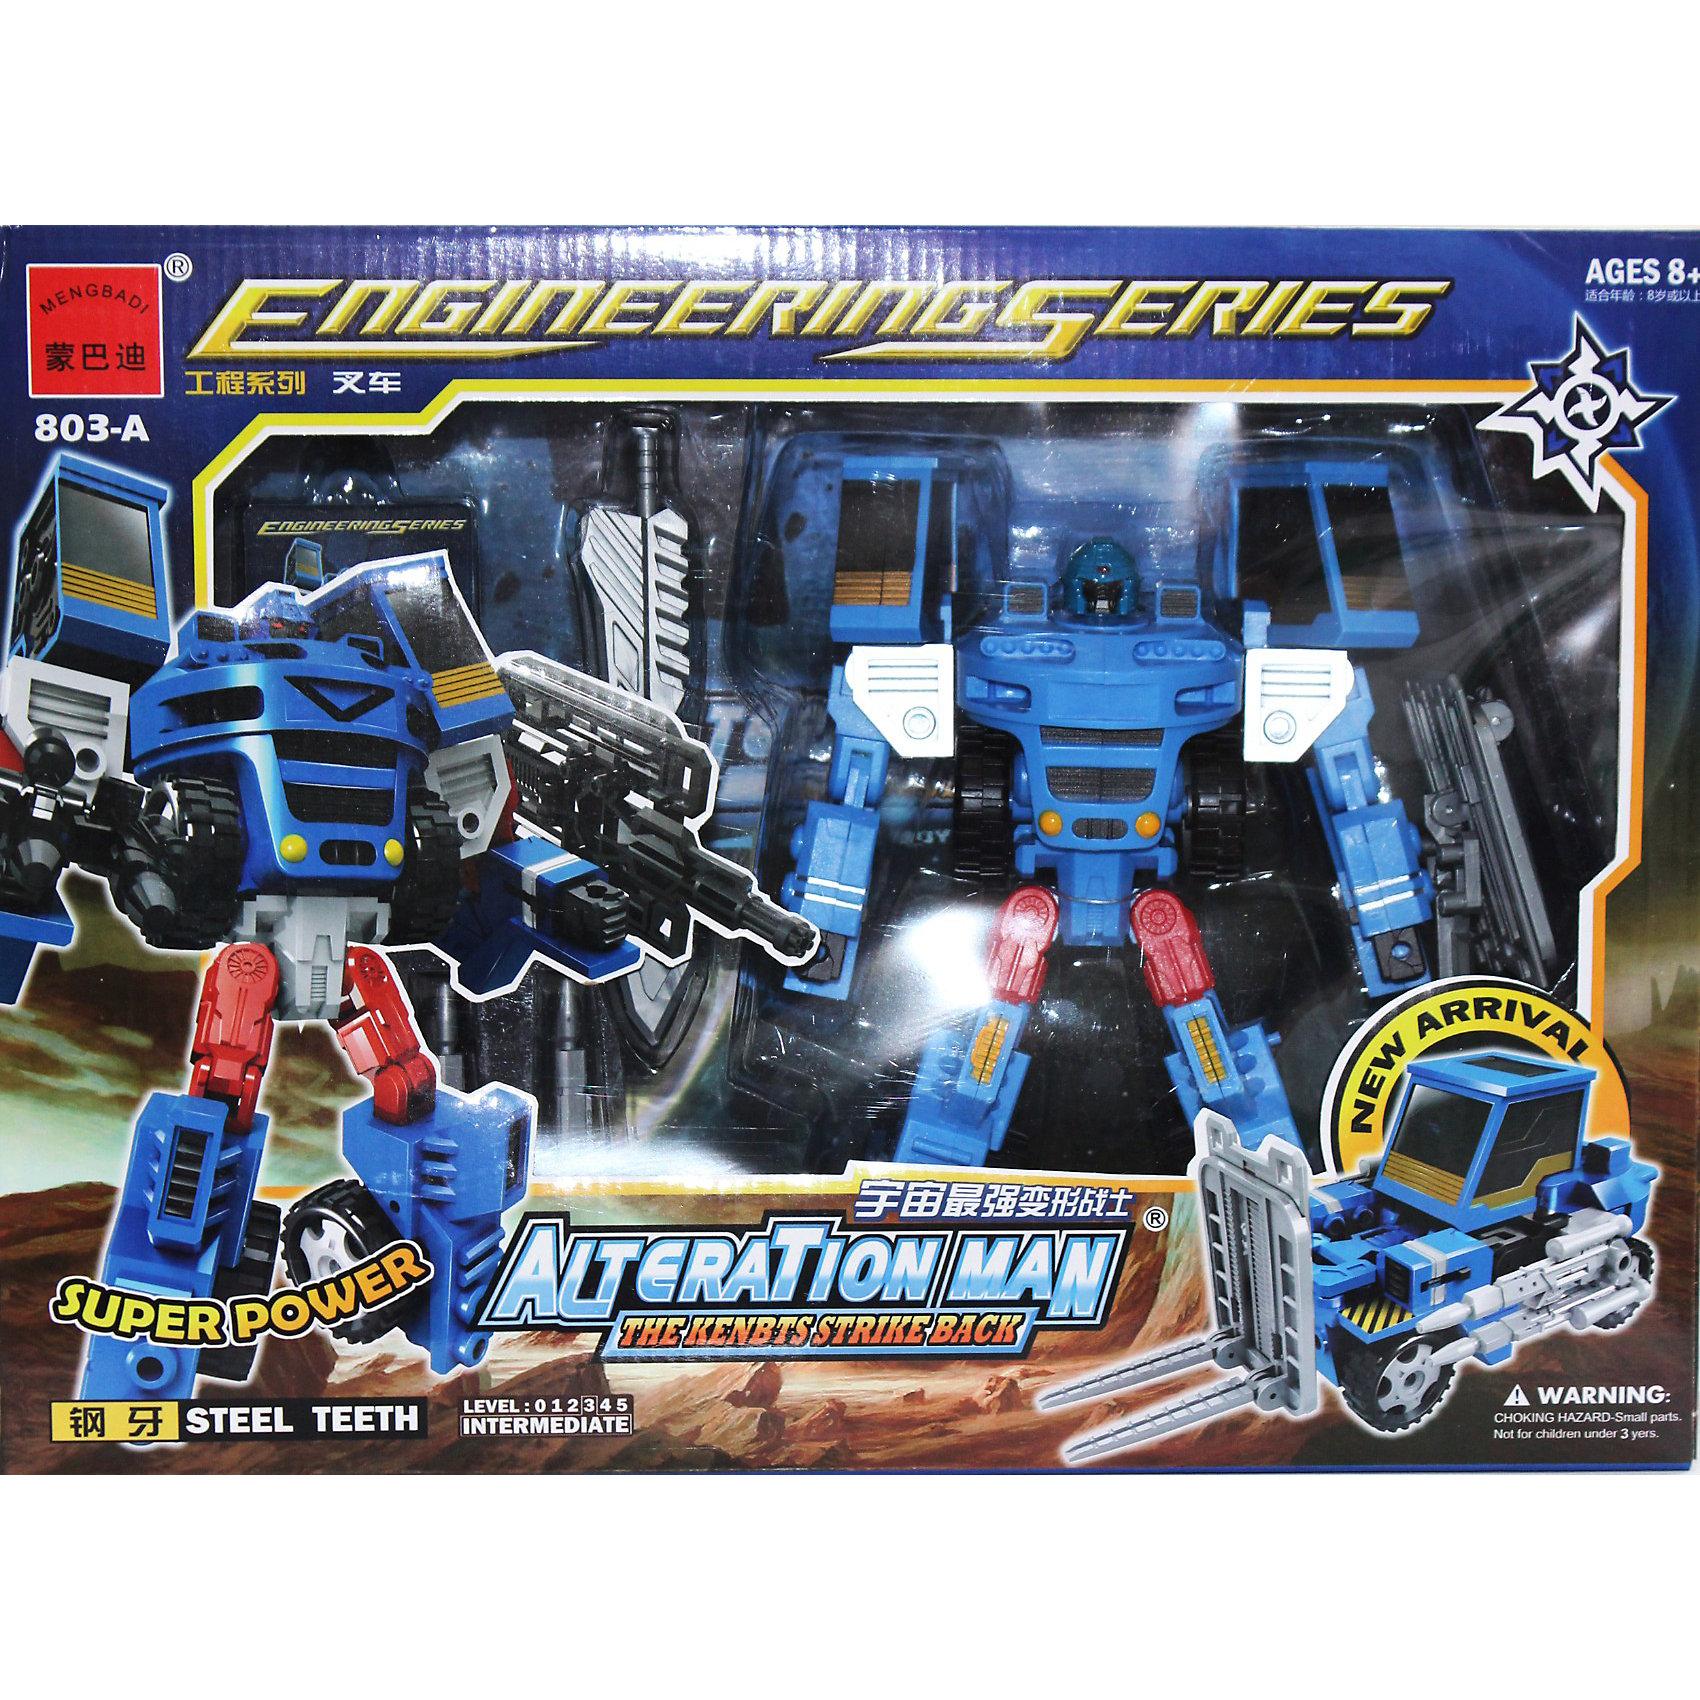 Робот-трансформер: Собирается в Погрузчик с Пушкой XXL, Play LineРобот-трансформер: собирается в Погрузчик с Пушкой XXL, Play Line (Плей Лайн) – увлекательная игрушка для мальчиков, развивающая фантазию и логическое мышление, ведь это не одна, а две различные игрушки – робот и крутой погрузчик с пушкой. Ваш ребенок сможет придумывать все новые и новые сюжеты для игры.<br><br>Дополнительная информация:<br><br>- Размер упаковки (ДхШхВ): 41х12х30 см<br>- Вес: 450 г<br><br>Робот-трансформер: собирается в Погрузчик с Пушкой XXL, Play Line (Плей Лайн) станет желанным подарком для Вашего ребенка, с которым он почувствует себя главным героем фильма или мультфильма про Трансформеров и надолго увлечет его.<br><br>Игрушку Робот-трансформер: собирается в Погрузчик с Пушкой XXL, Play Line (Плей Лайн) можно купить в нашем магазине.<br><br>Ширина мм: 120<br>Глубина мм: 300<br>Высота мм: 410<br>Вес г: 450<br>Возраст от месяцев: 36<br>Возраст до месяцев: 144<br>Пол: Мужской<br>Возраст: Детский<br>SKU: 3539027